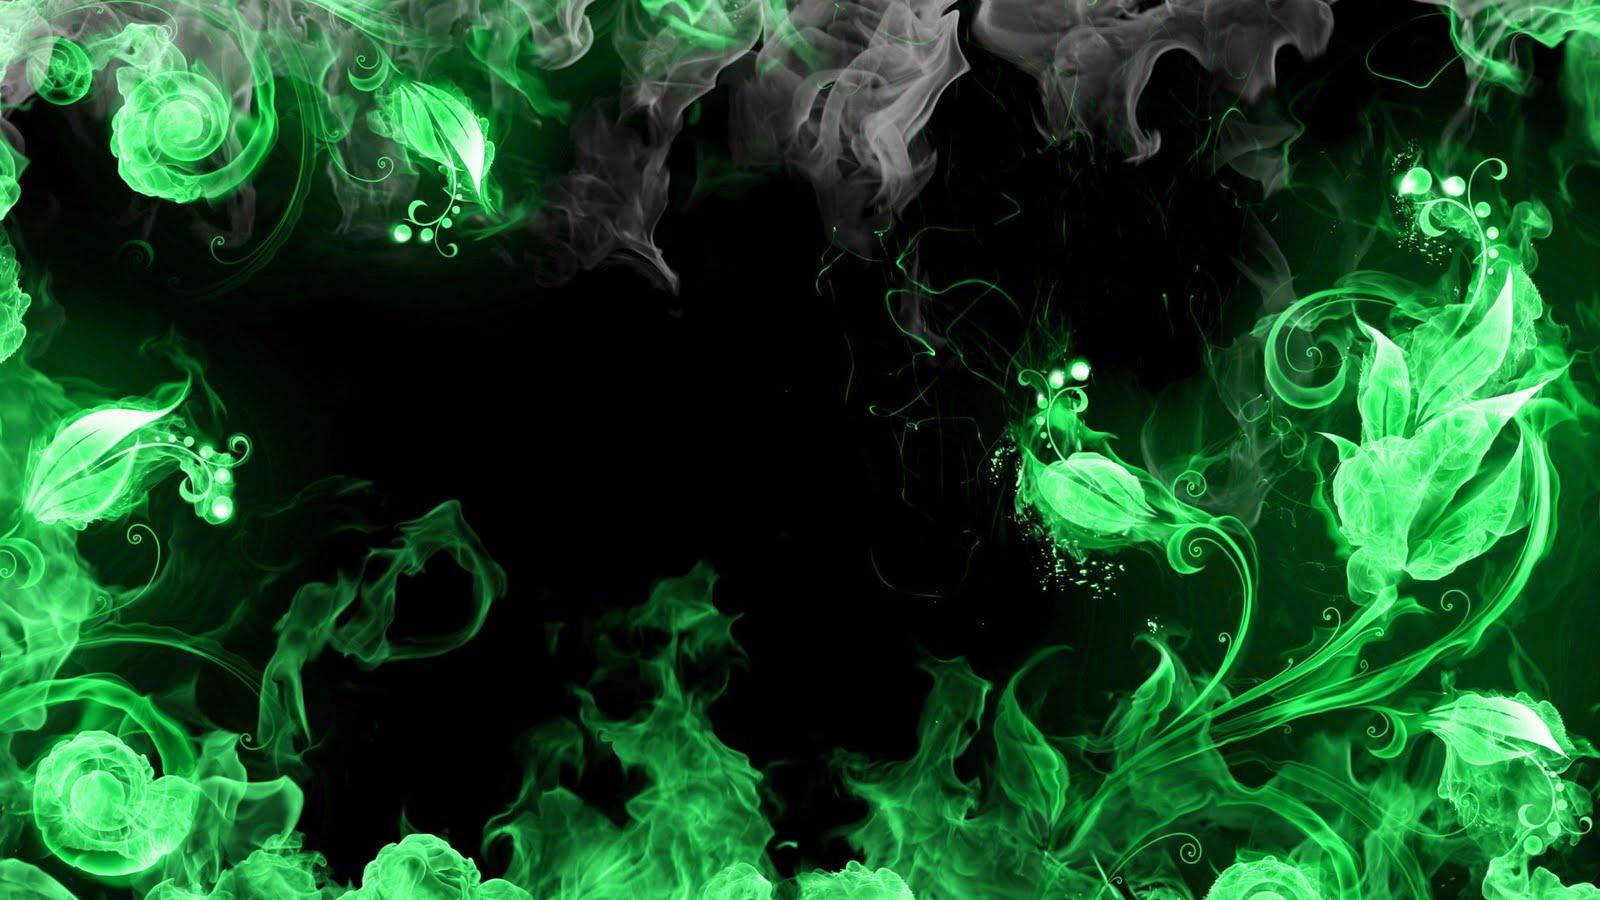 Green Flames Skull Wallpaper HD   LiLzeu   Tattoo DE 1600x900